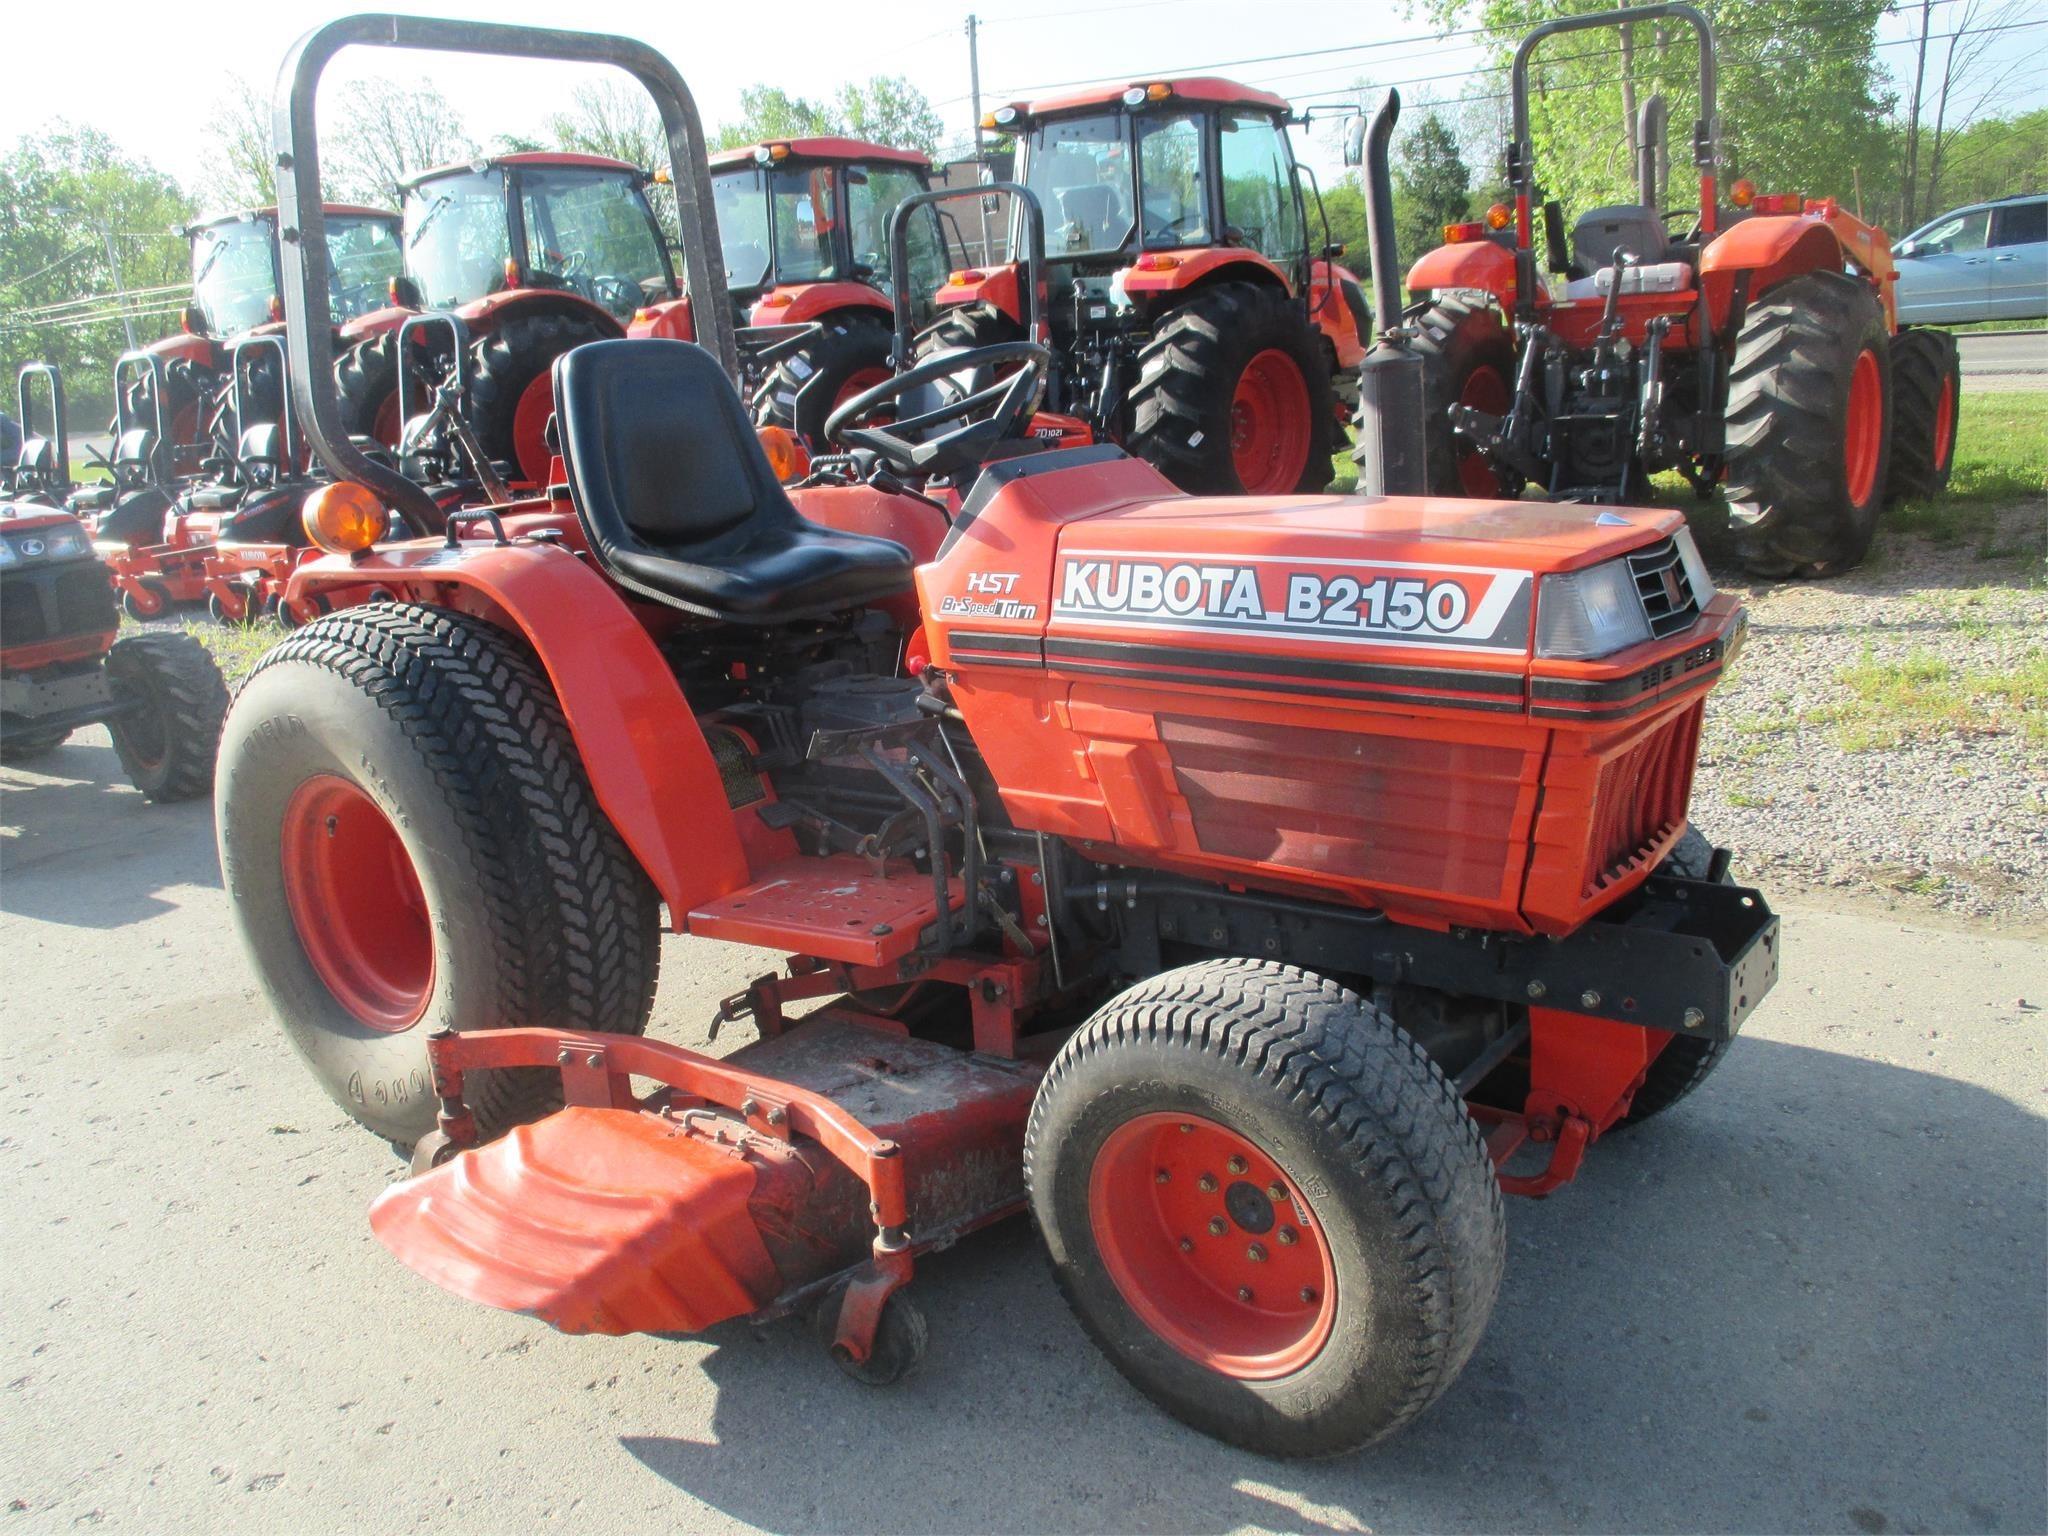 1994 Kubota B2150 Tractor